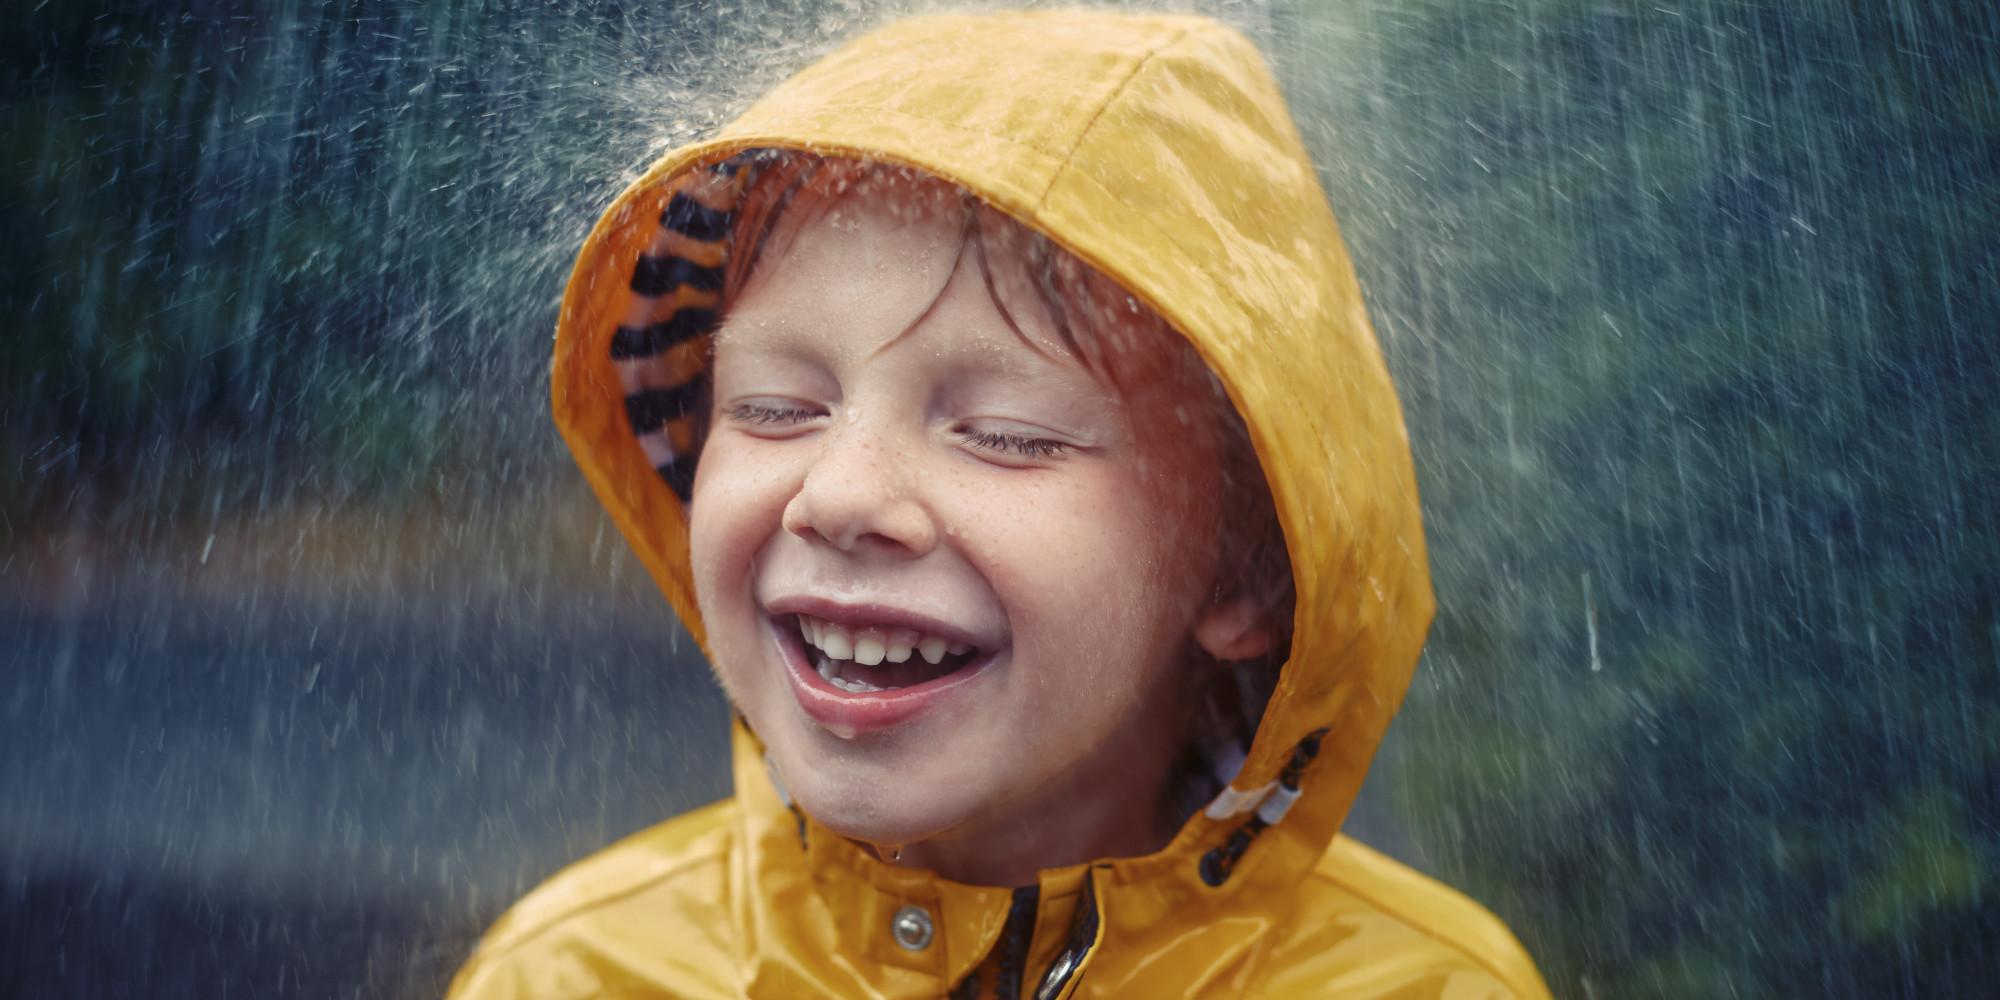 Погода в Тверской области угодит всем: прогноз на неделю